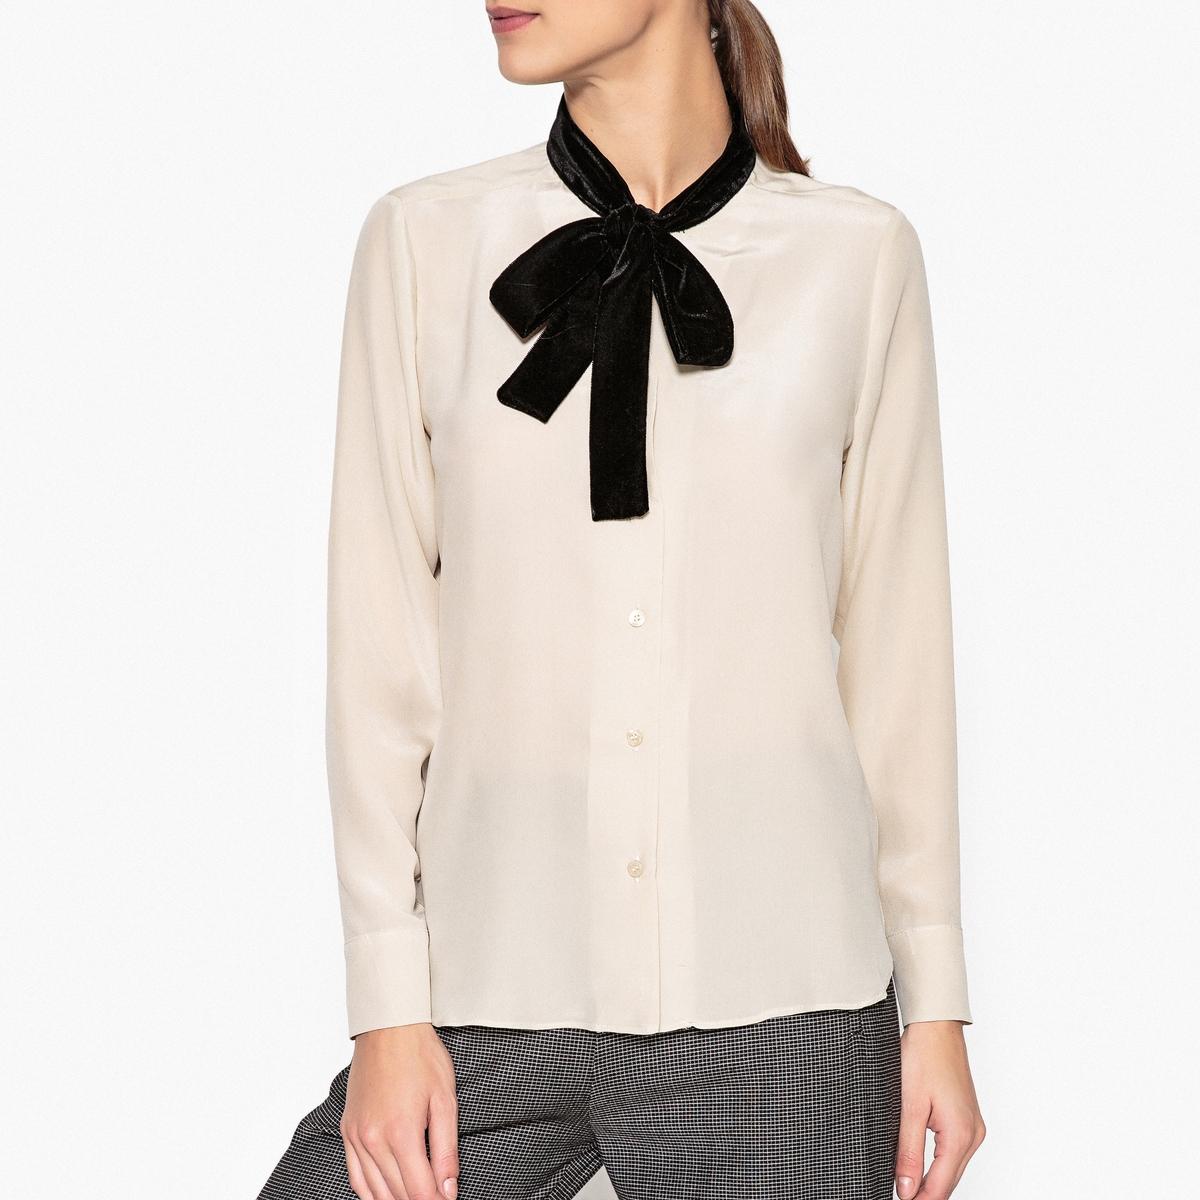 Рубашка из шёлка с галстуком-бантом NANOОписание:Рубашка с длинными рукавами TOUPY - модель NANO из натурального шёлка с галстуком-бантом. Прямой низ и манжеты на пуговицах .Детали   •  Длинные рукава •  Прямой покрой •  Галстук-бантСостав и уход •  100% шелк •  Следуйте советам по уходу, указанным на этикетке<br><br>Цвет: желтый,экрю